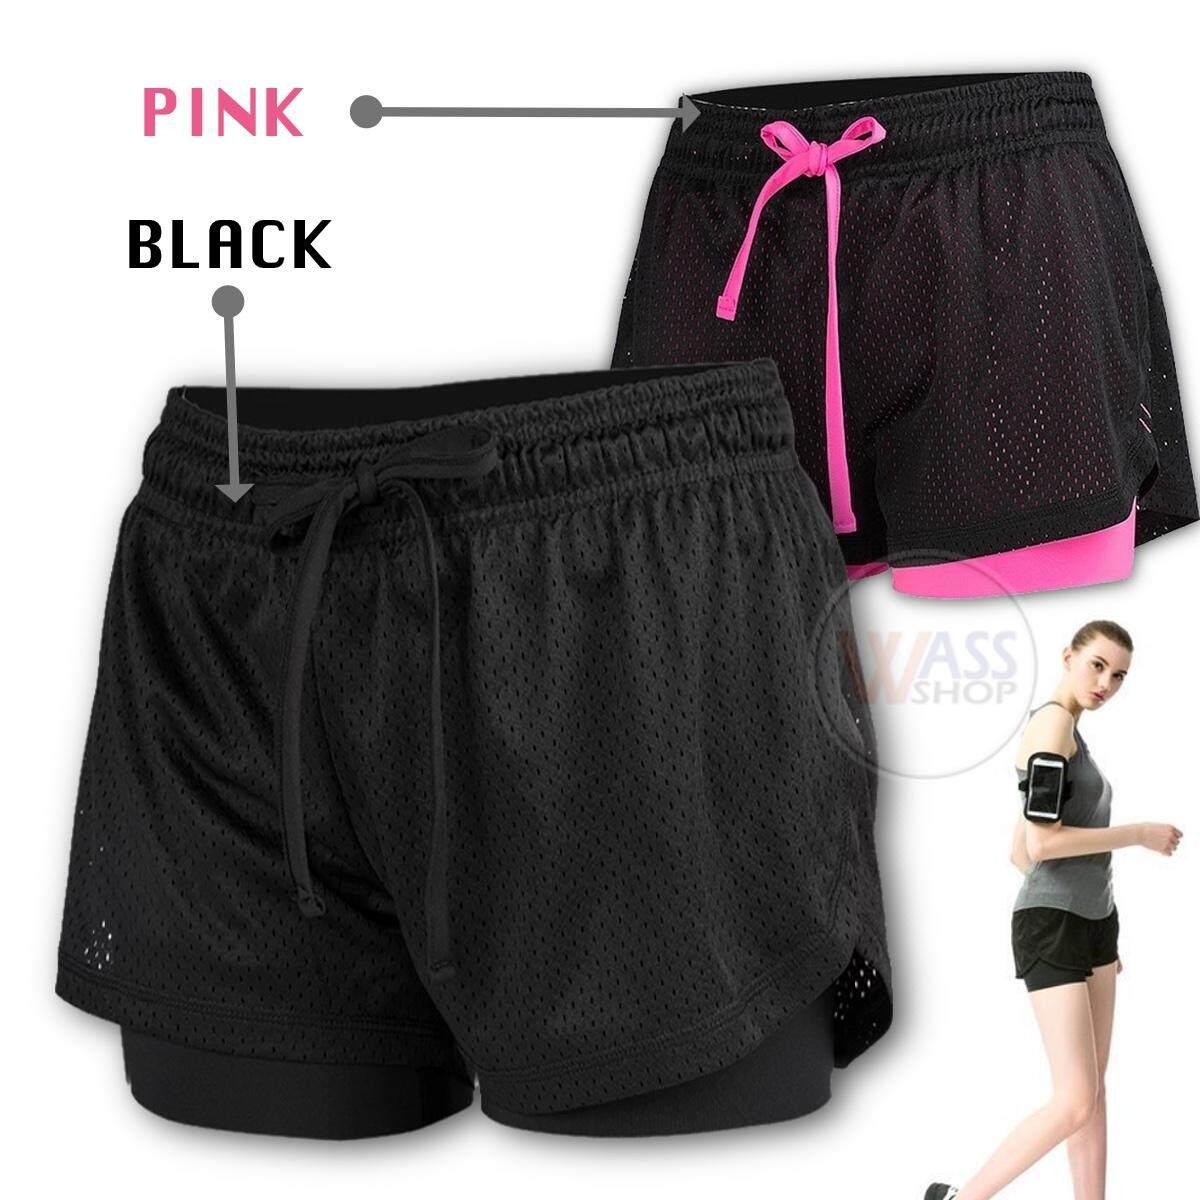 กางเกงวิ่ง กางเกงฟิตเนส กางเกงออกกำลังกาย กางเกงขาสั้น สำหรับผู้หญิง พร้อมส่ง/ส่งไว By Wass Shop.